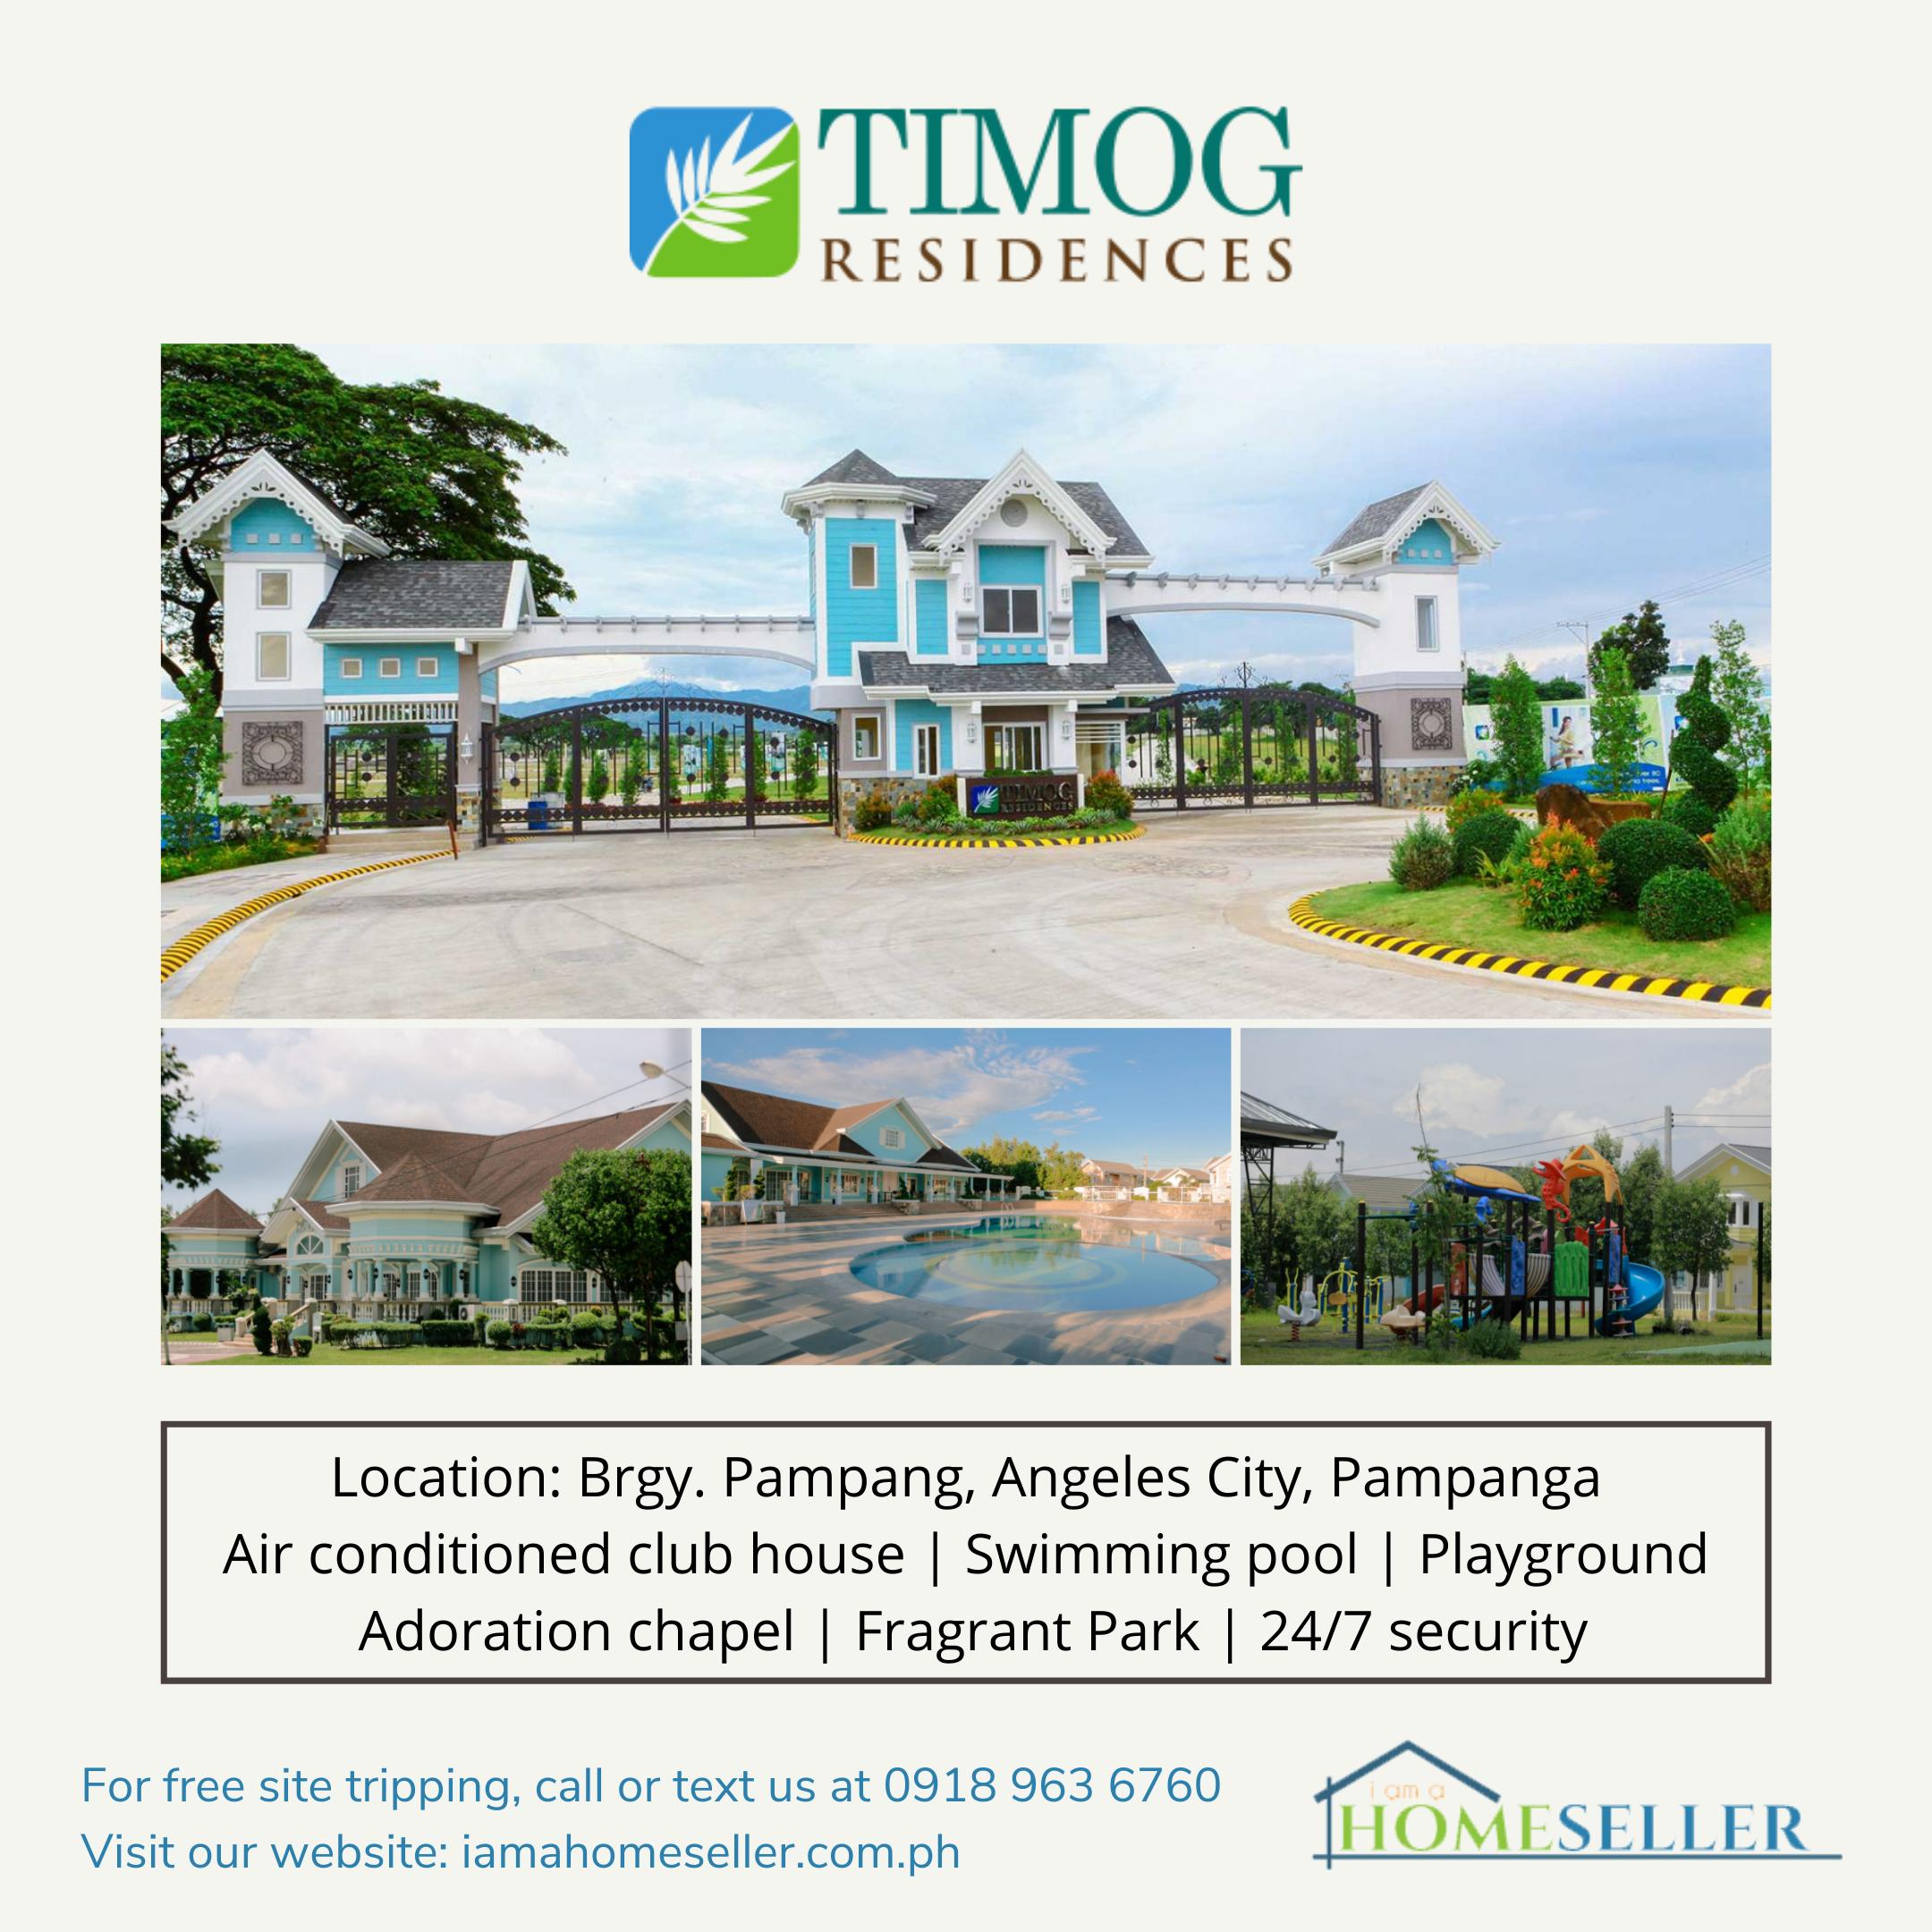 Timog Residences